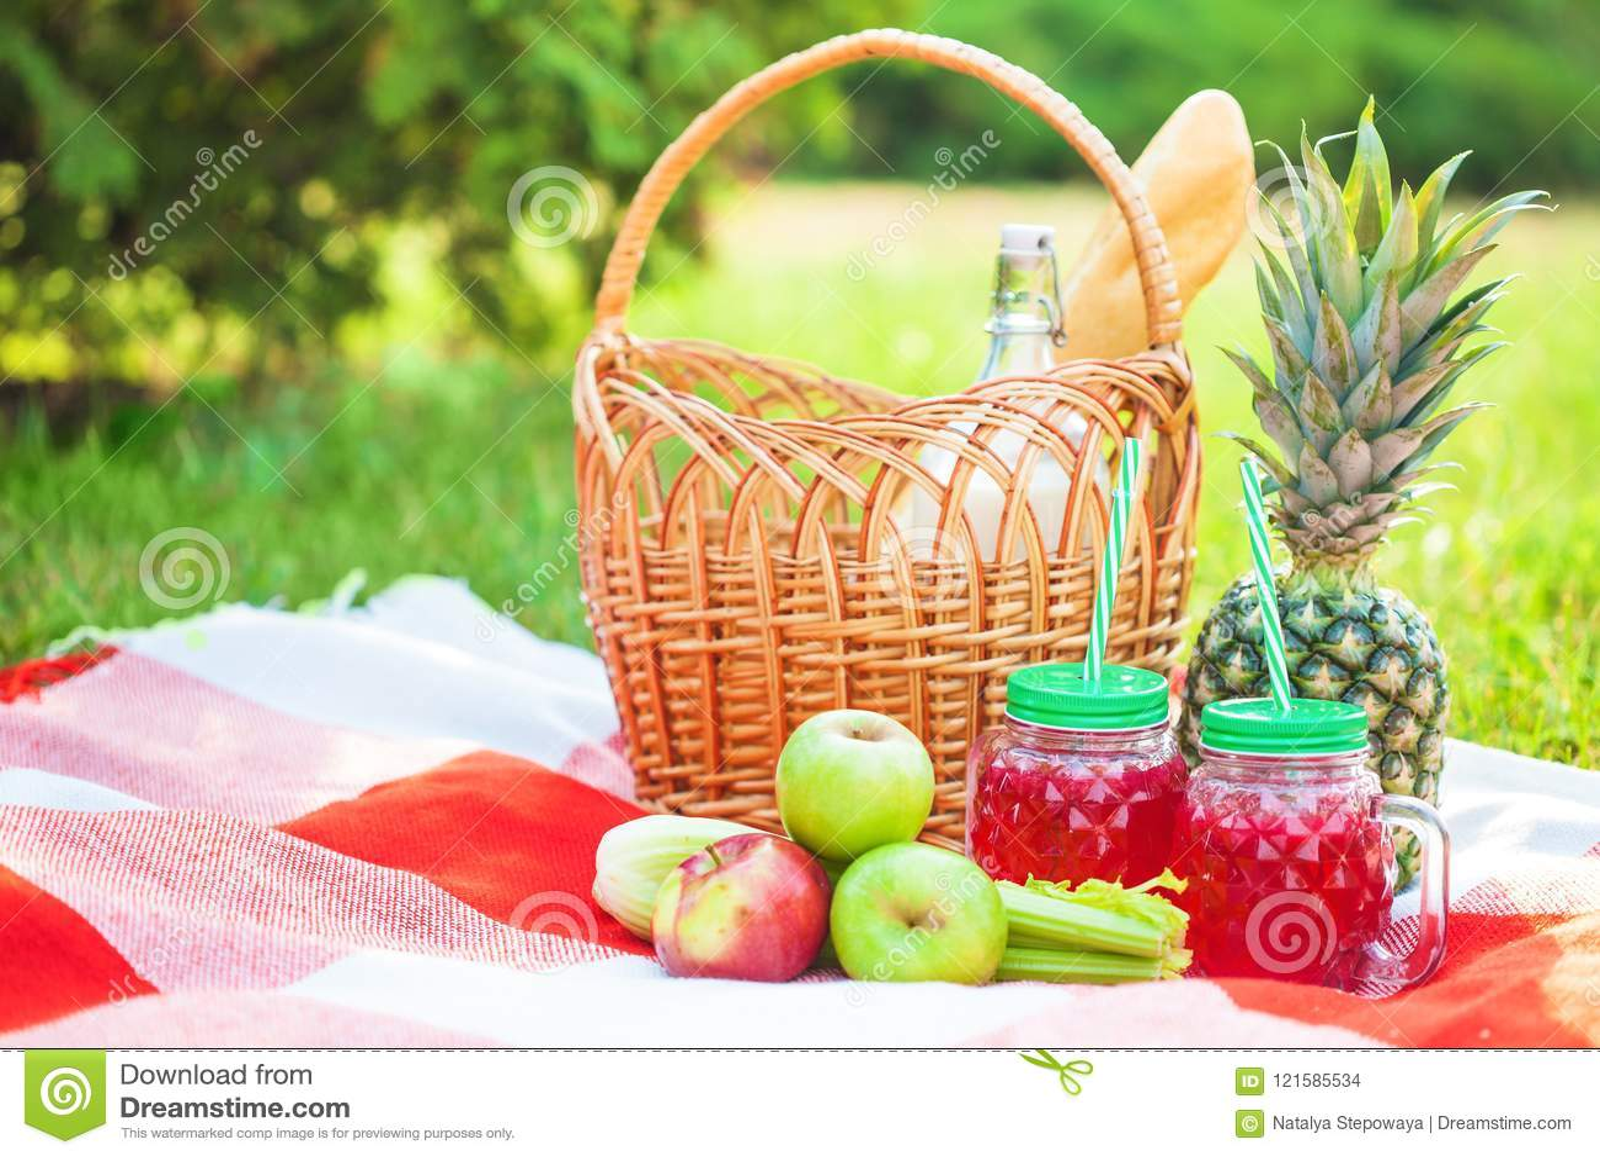 Cesta de la comida campestre, fruta, jugo en las pequeñas botellas, manzanas, leche, verano de la piña, resto, tela escocesa, esp